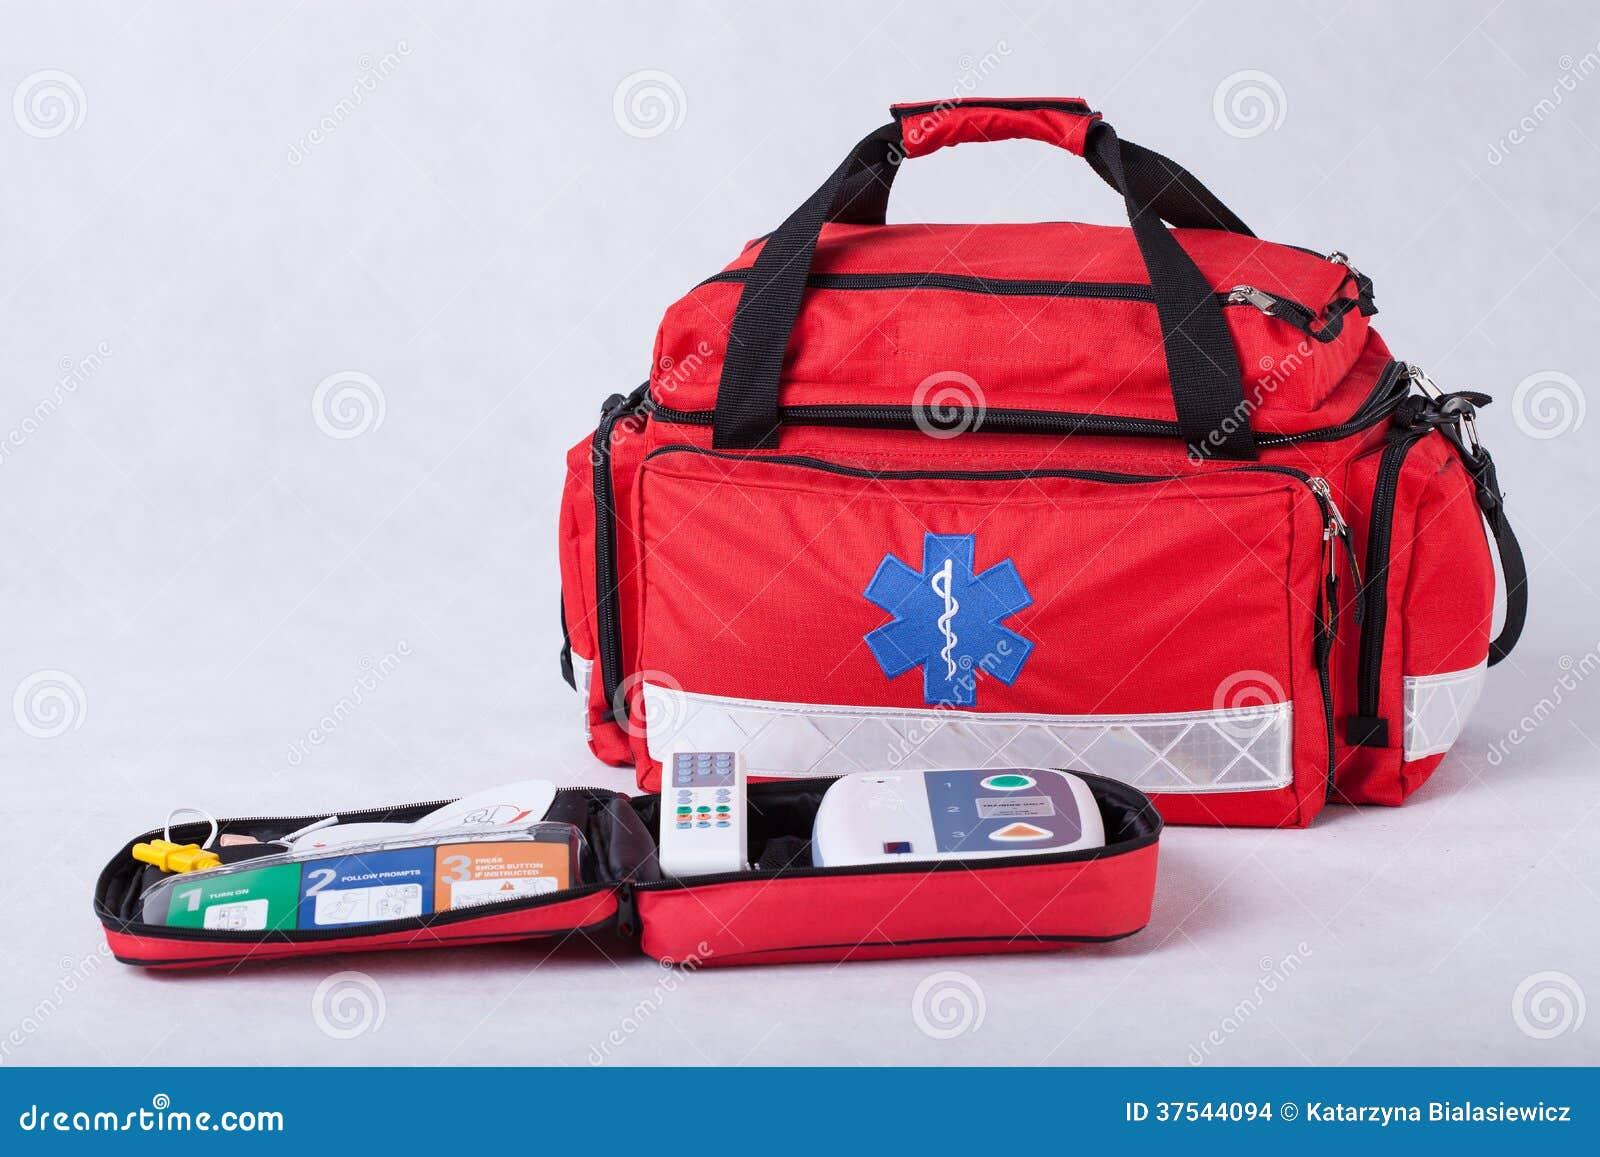 kit de premiers secours photo stock image du bande. Black Bedroom Furniture Sets. Home Design Ideas